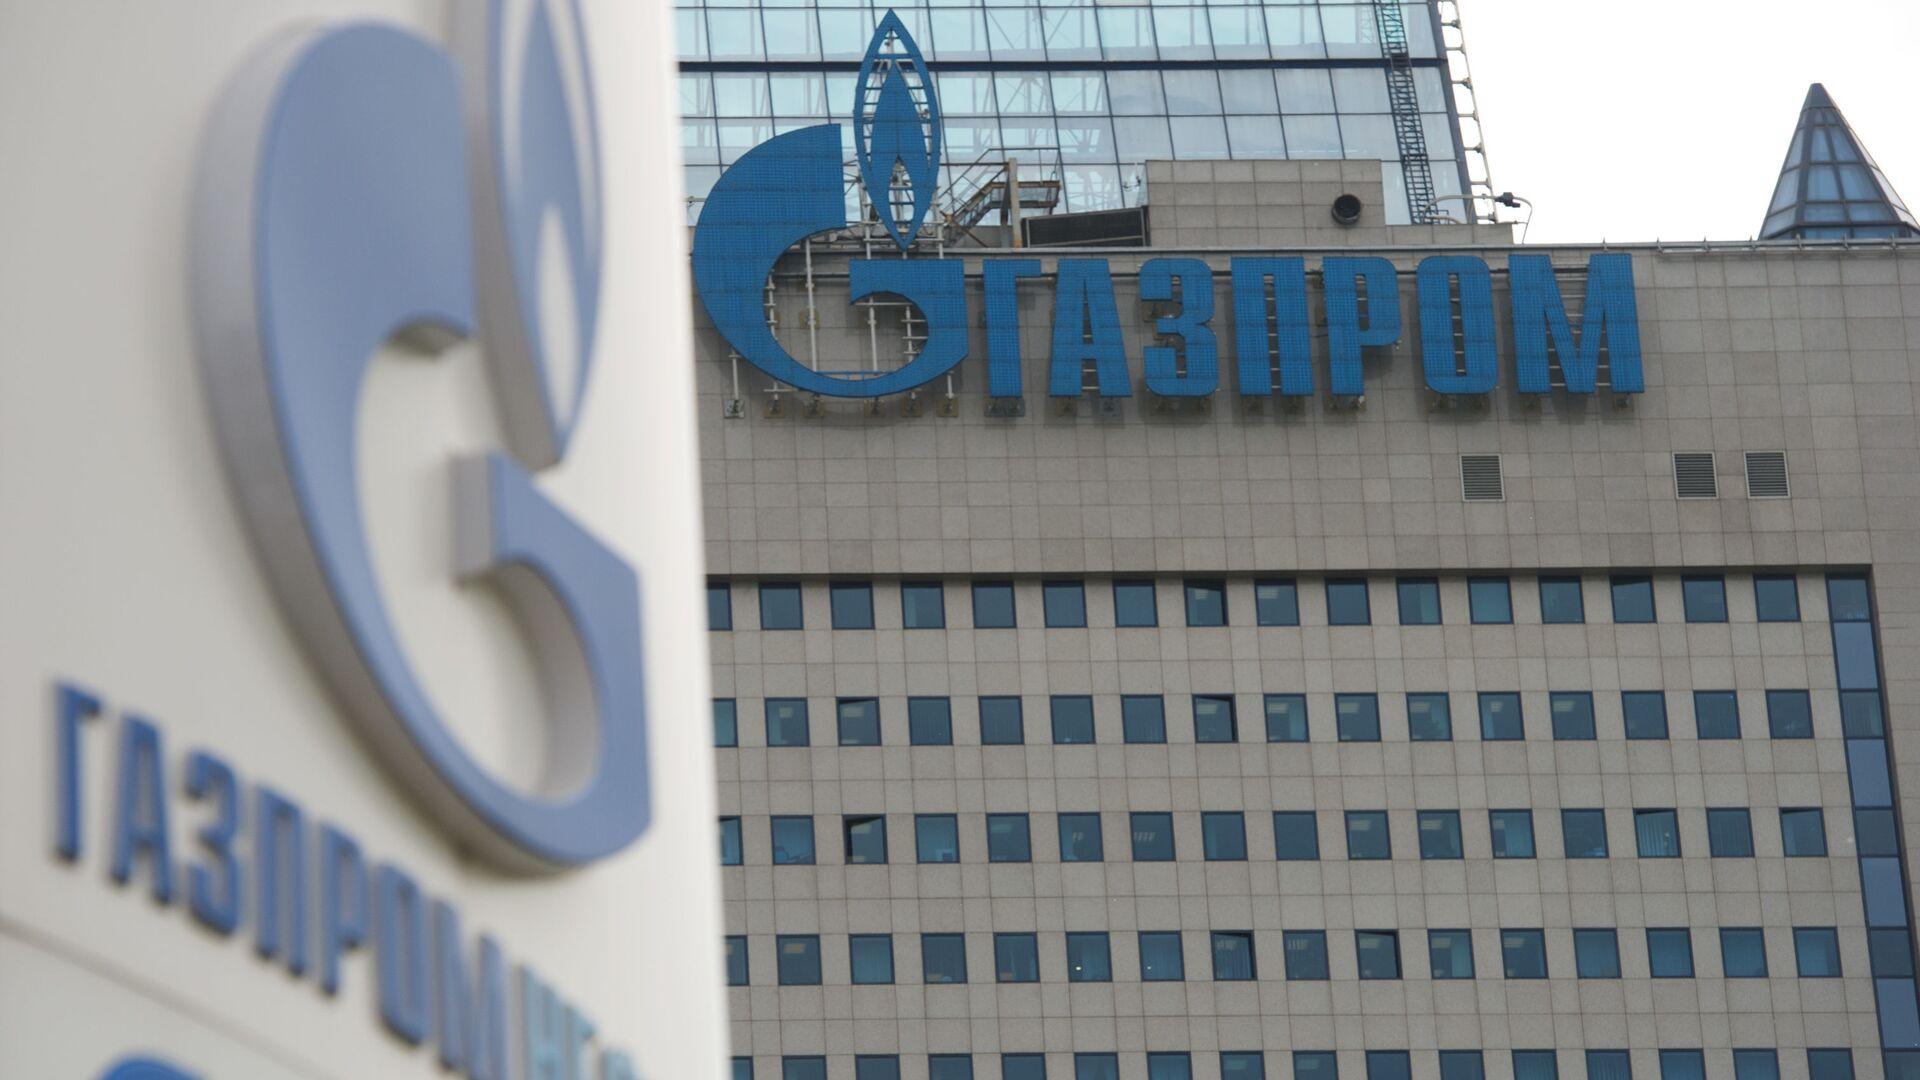 Budova Gazpromu v Moskvě - Sputnik Česká republika, 1920, 13.10.2021